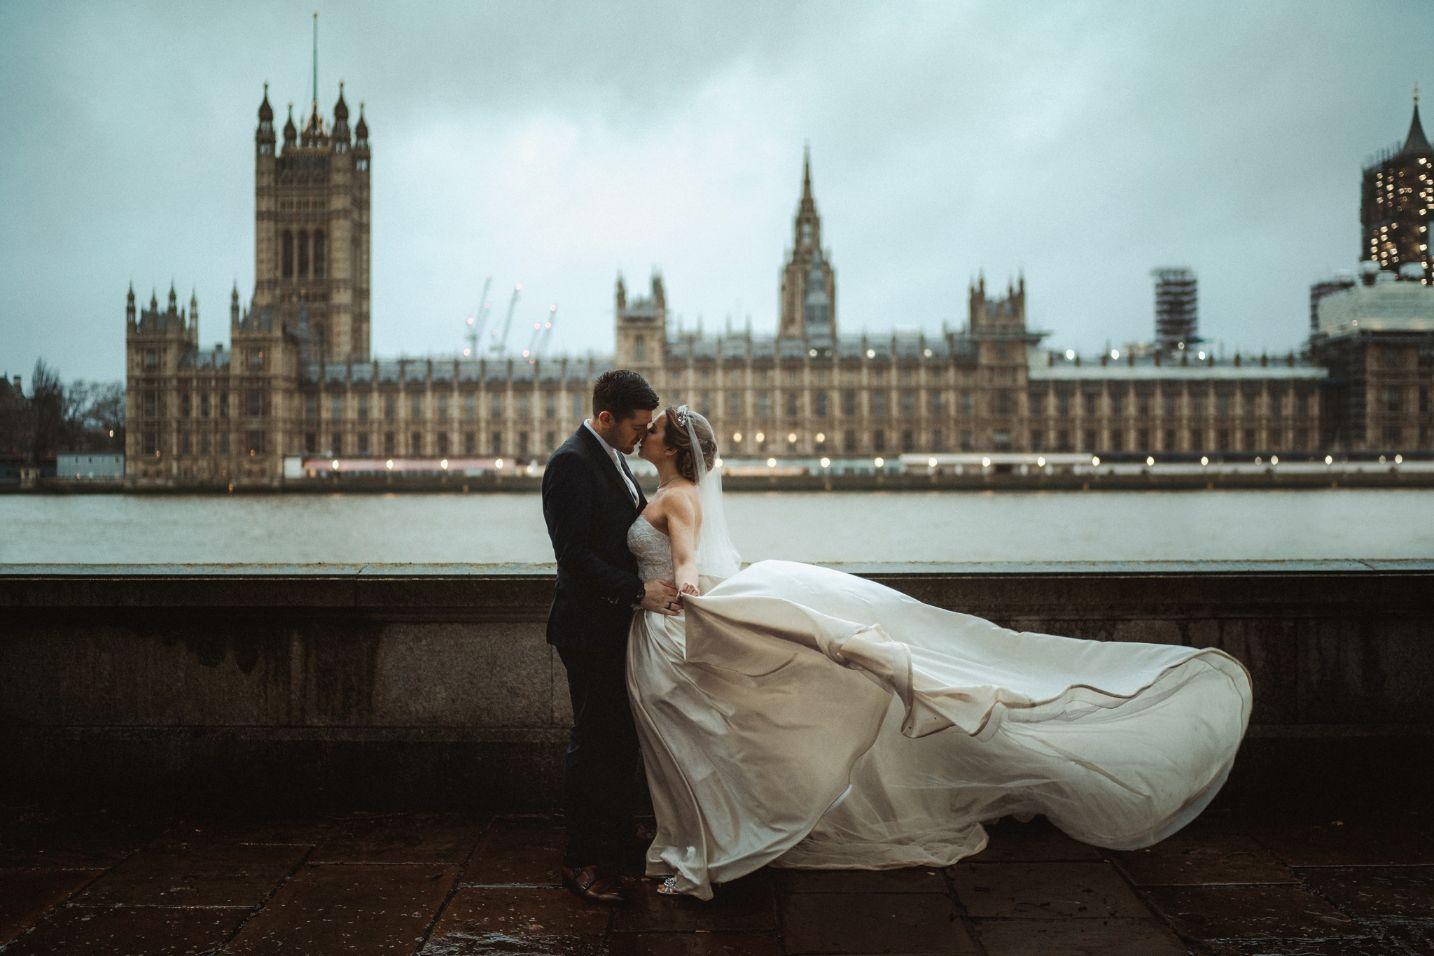 Bride and Groom Wedding Photo| Romantic Wedding Venue